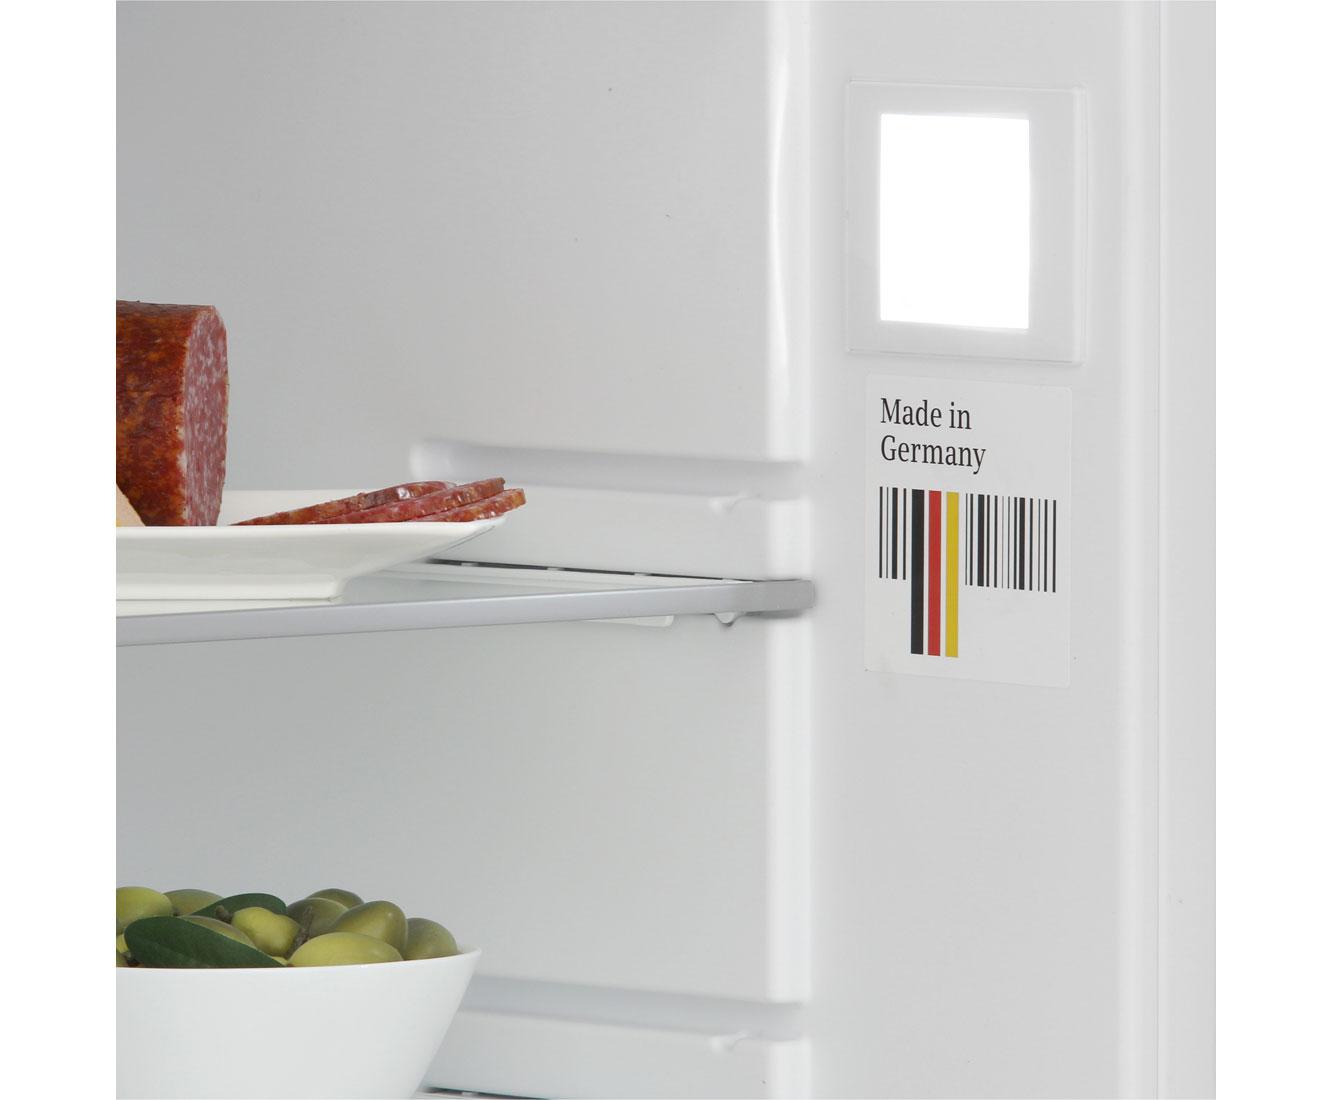 Bosch Kühlschrank Licht Geht Nicht Aus : Siemens kühlschrank licht geht nicht aus: buche rational